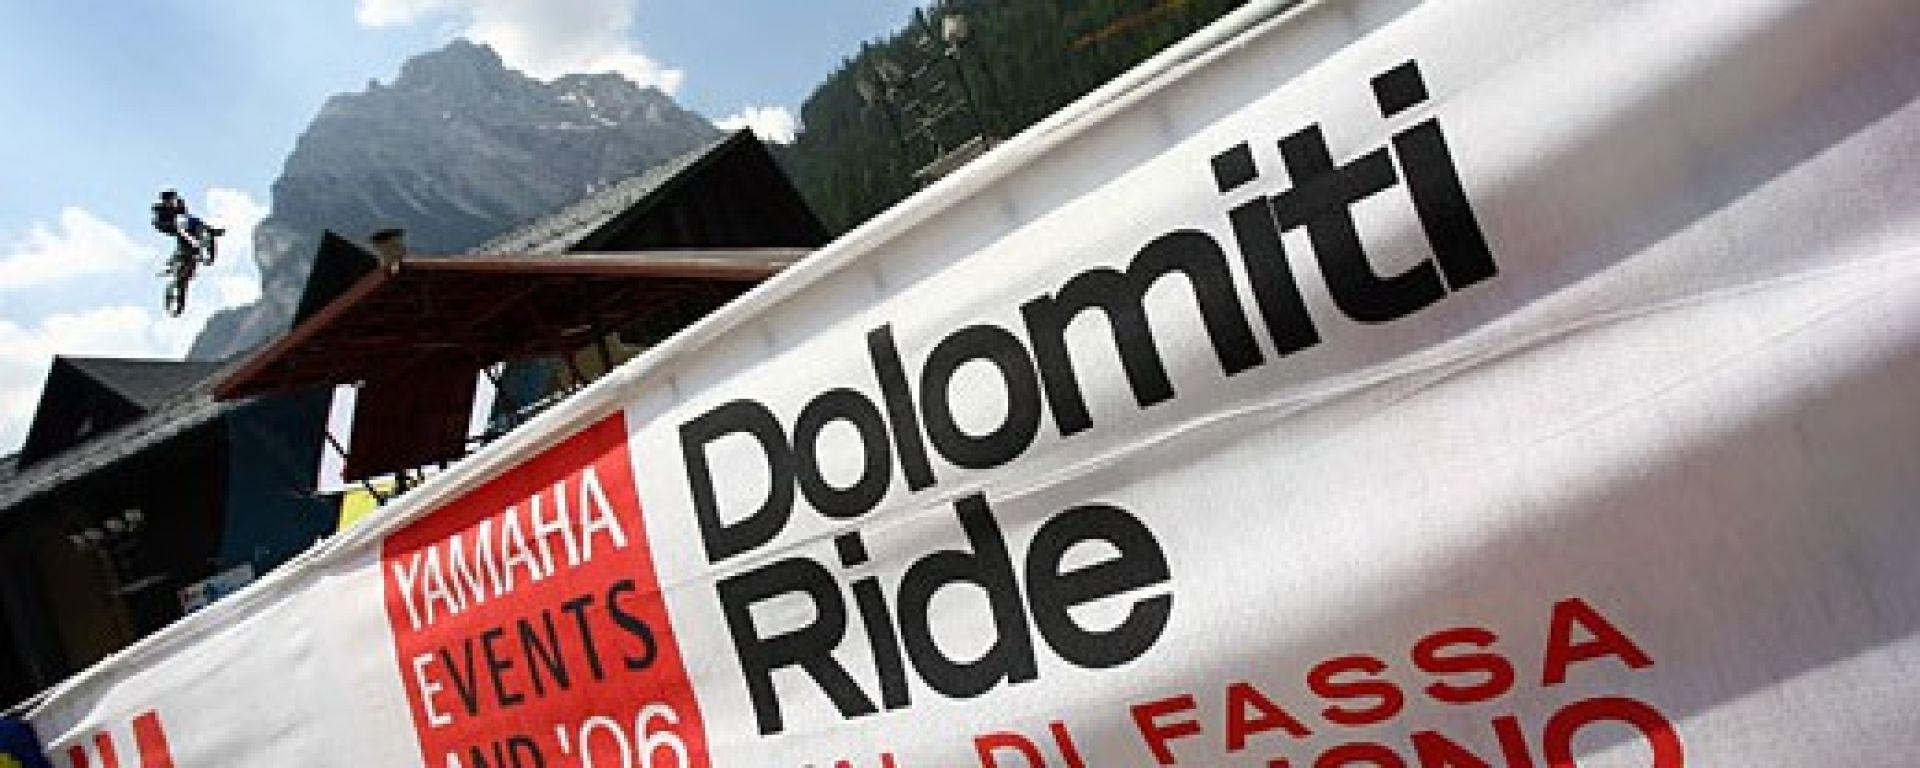 Al Dolomiti Ride con la Yamaha FJR 1300 AS